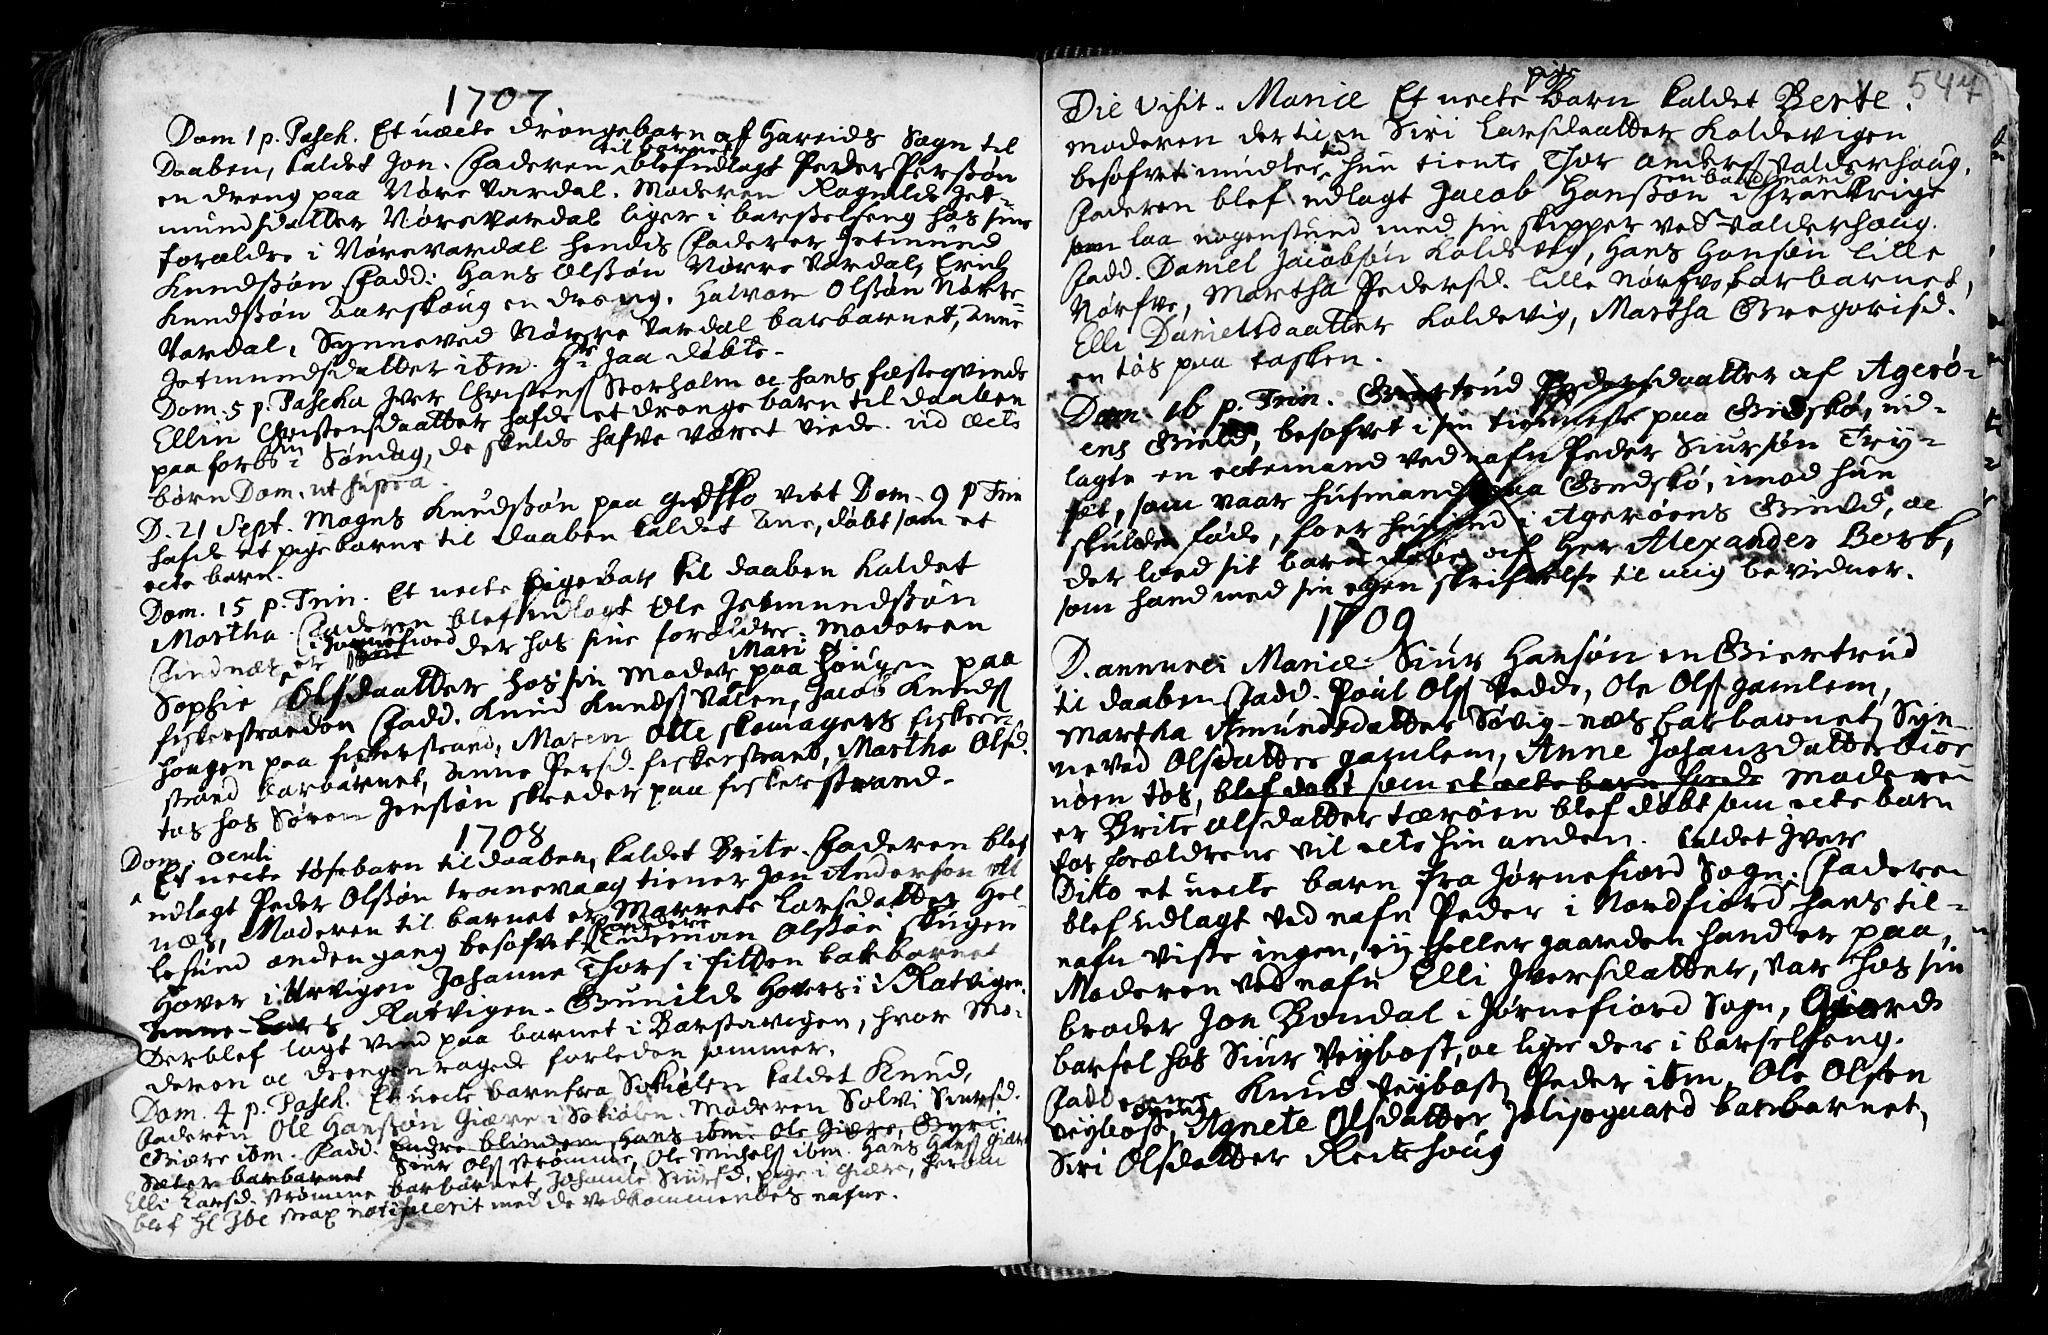 SAT, Ministerialprotokoller, klokkerbøker og fødselsregistre - Møre og Romsdal, 528/L0390: Ministerialbok nr. 528A01, 1698-1739, s. 546-547